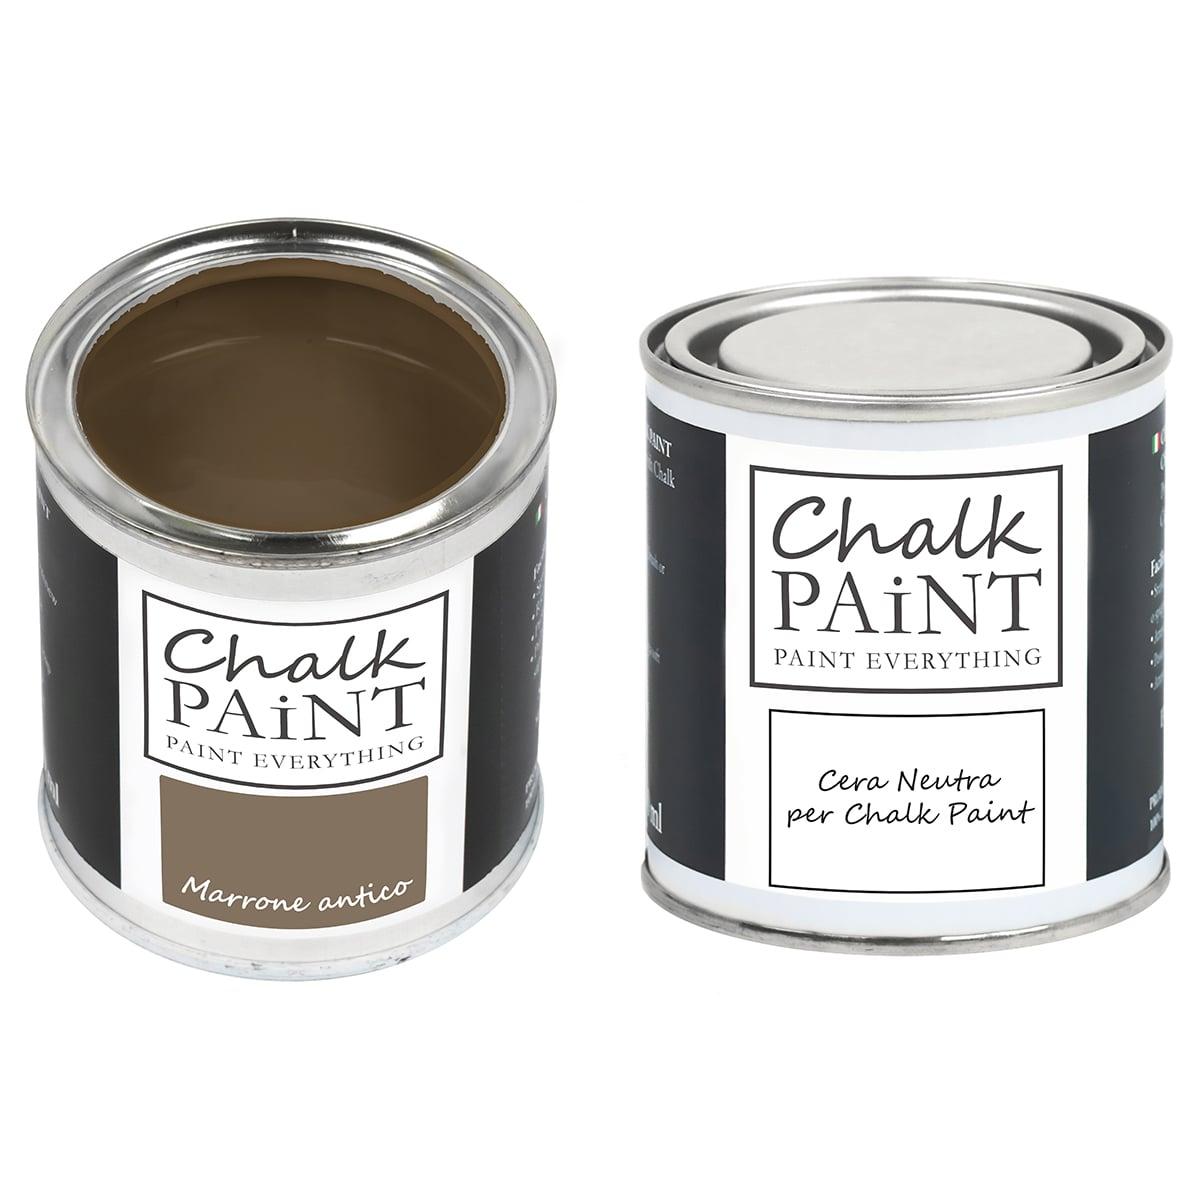 Marrone antico Chalk paint e cera in offerta decora facile con paint magic